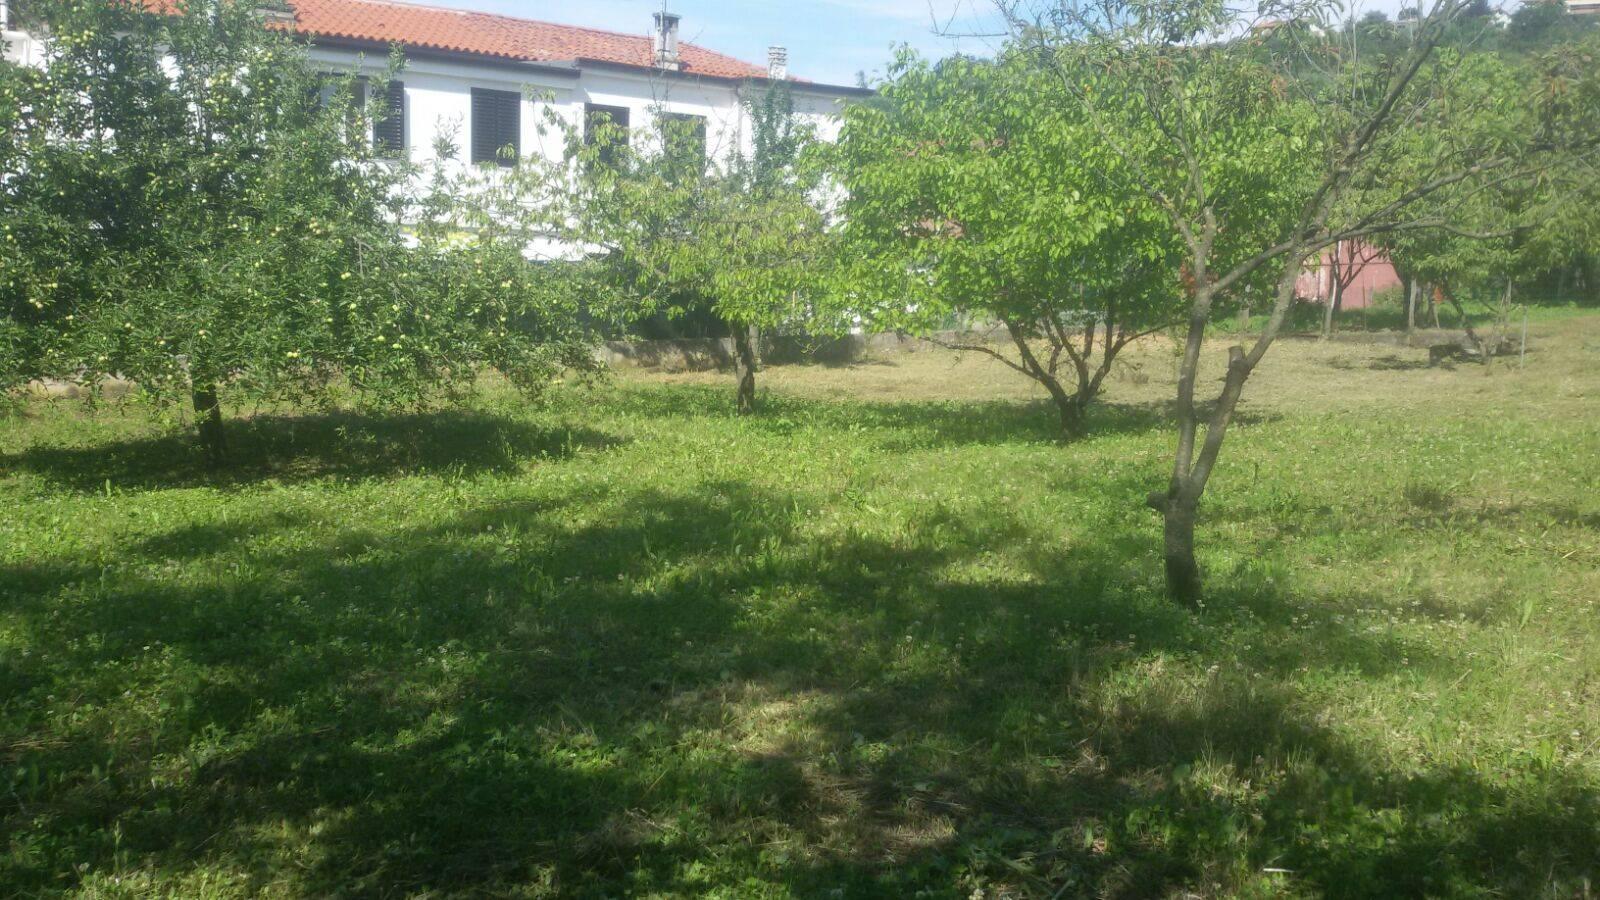 Terreno Edificabile Residenziale in vendita a Muggia, 9999 locali, prezzo € 175.000 | CambioCasa.it